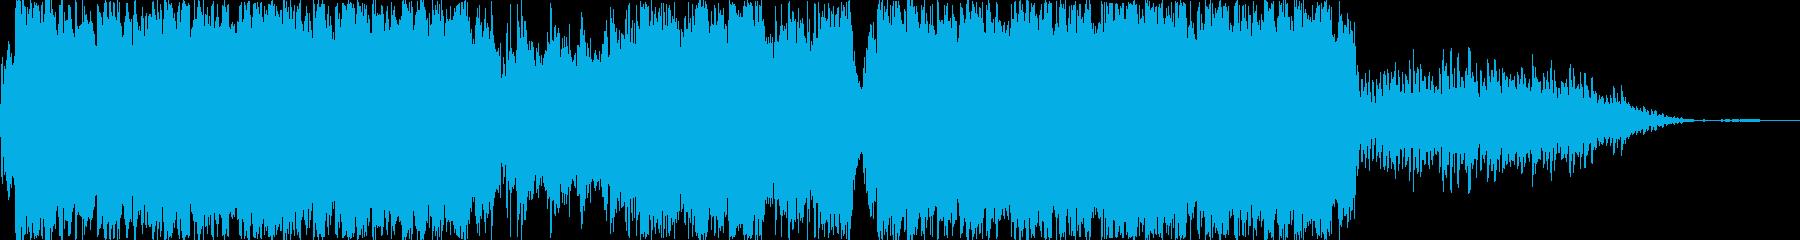 古都の中国を彷彿させる曲(イントロなし)の再生済みの波形